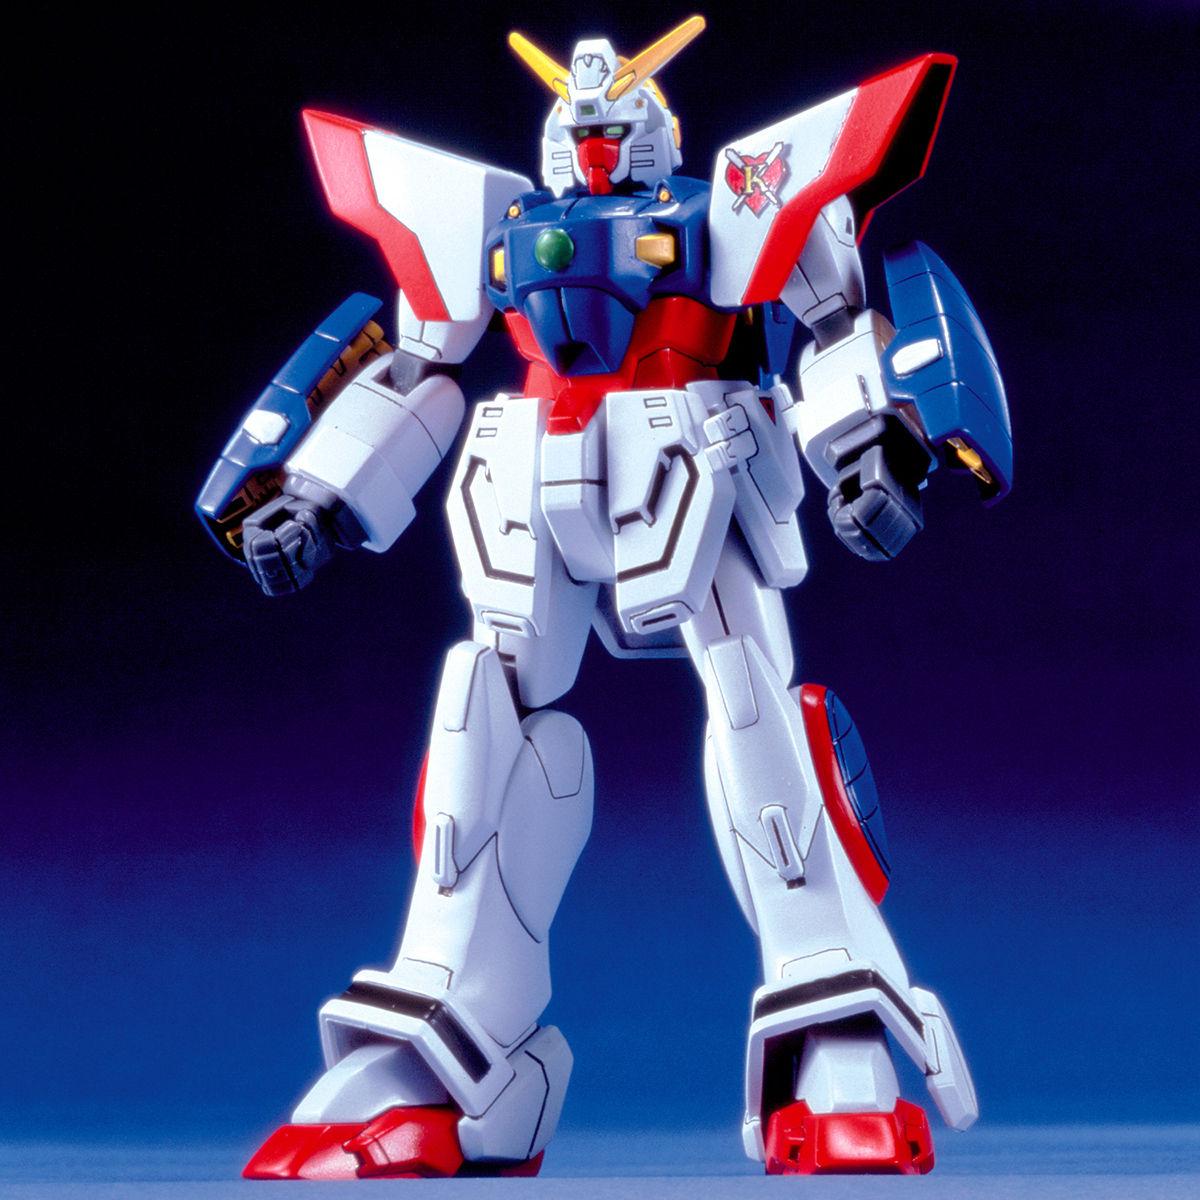 68701/144 GF13-017NJ シャイニングガンダム [Shining Gundam]